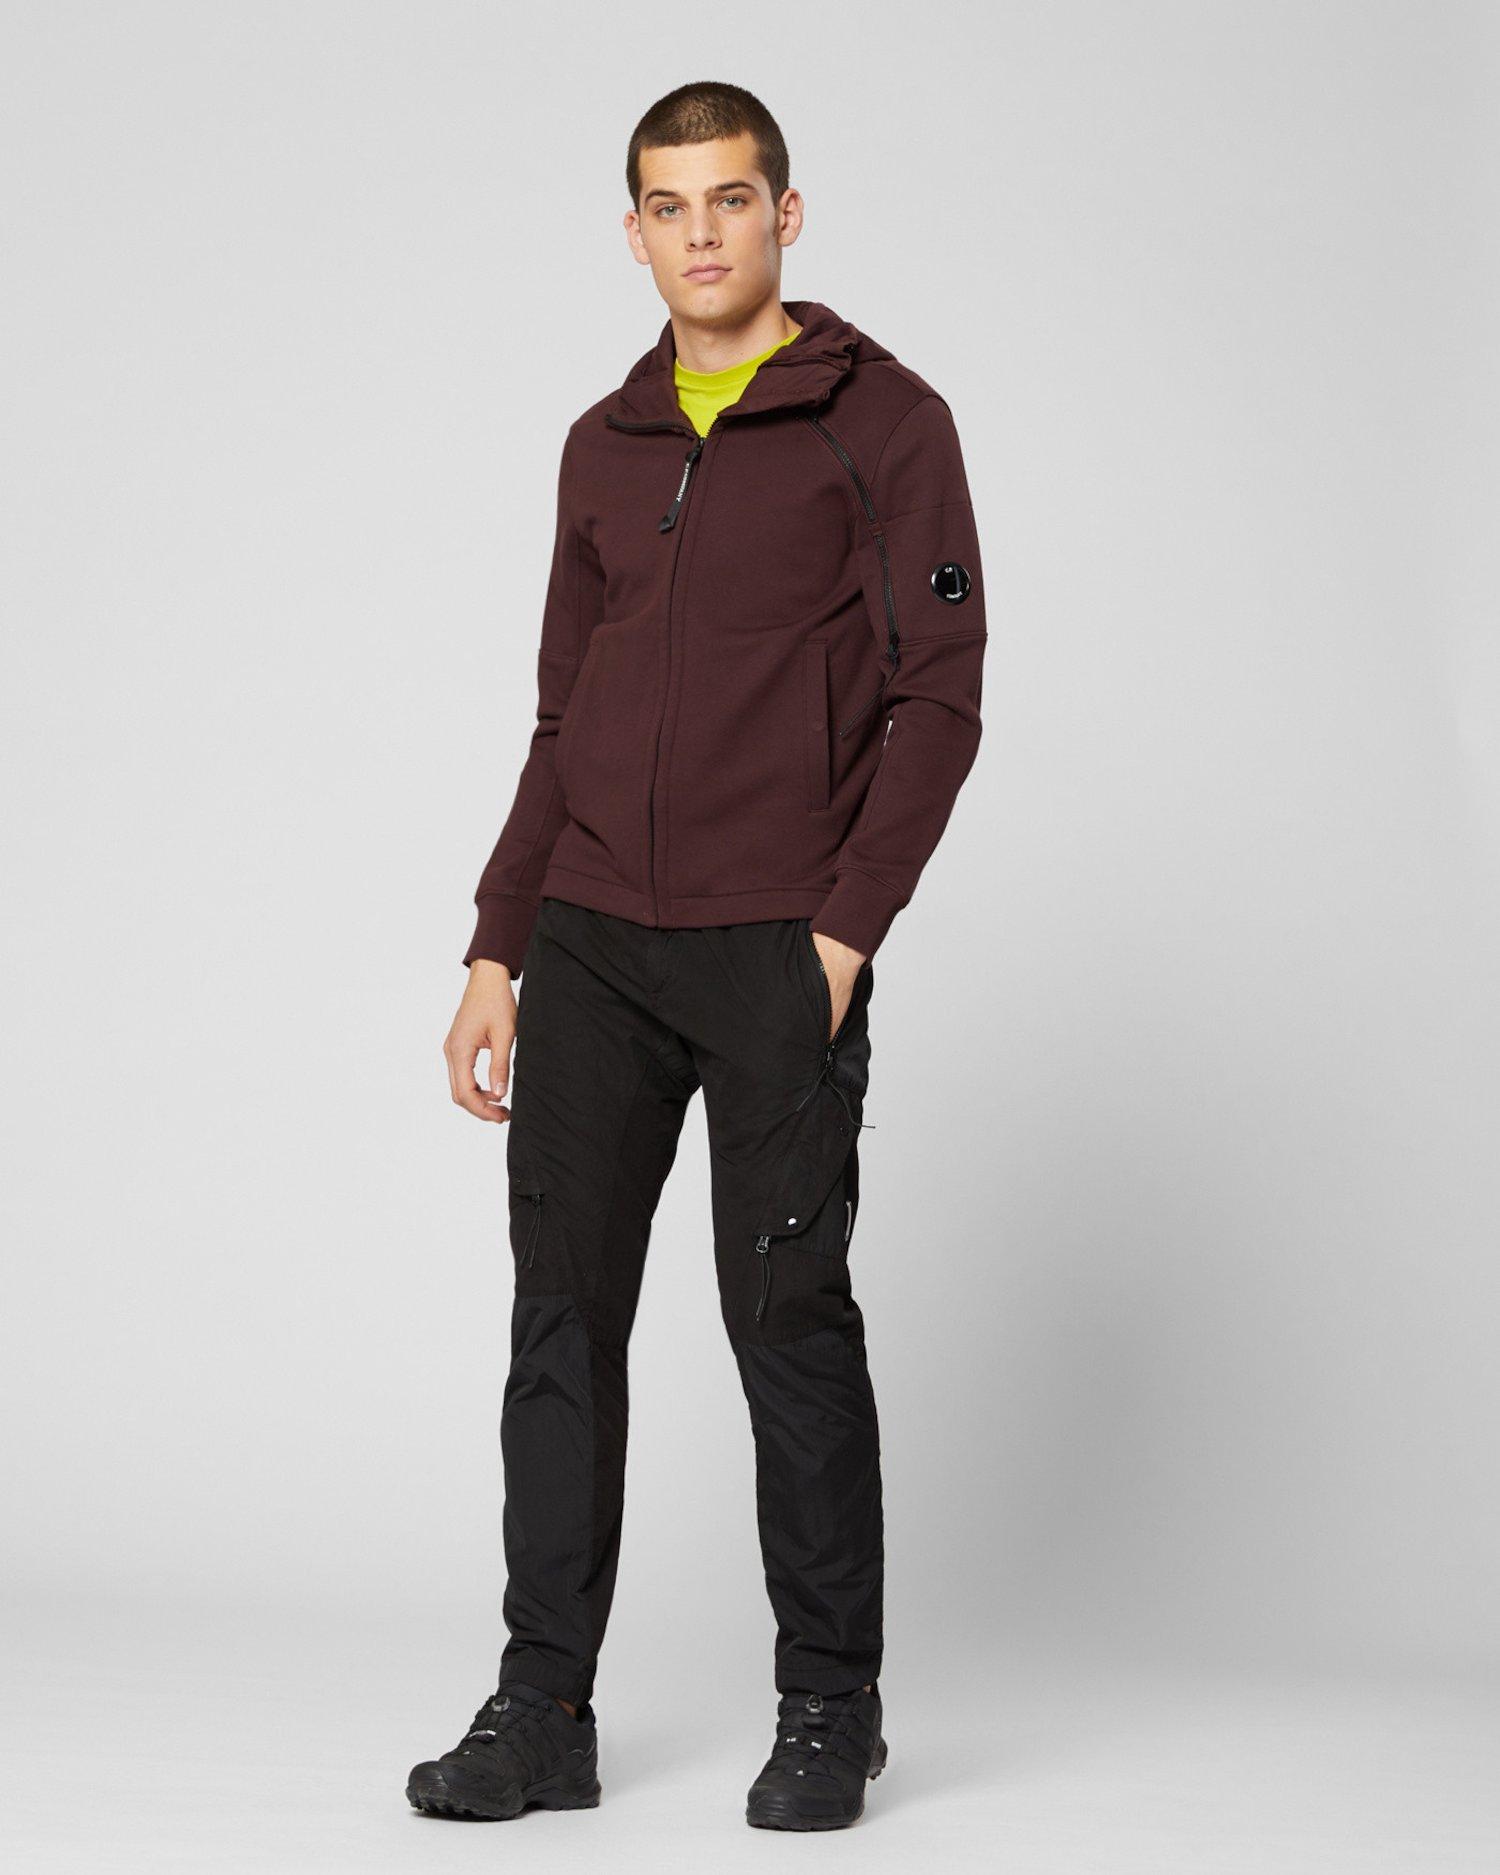 Diagonal Raised Fleece Asymmetric Zip Hooded Sweatshirt